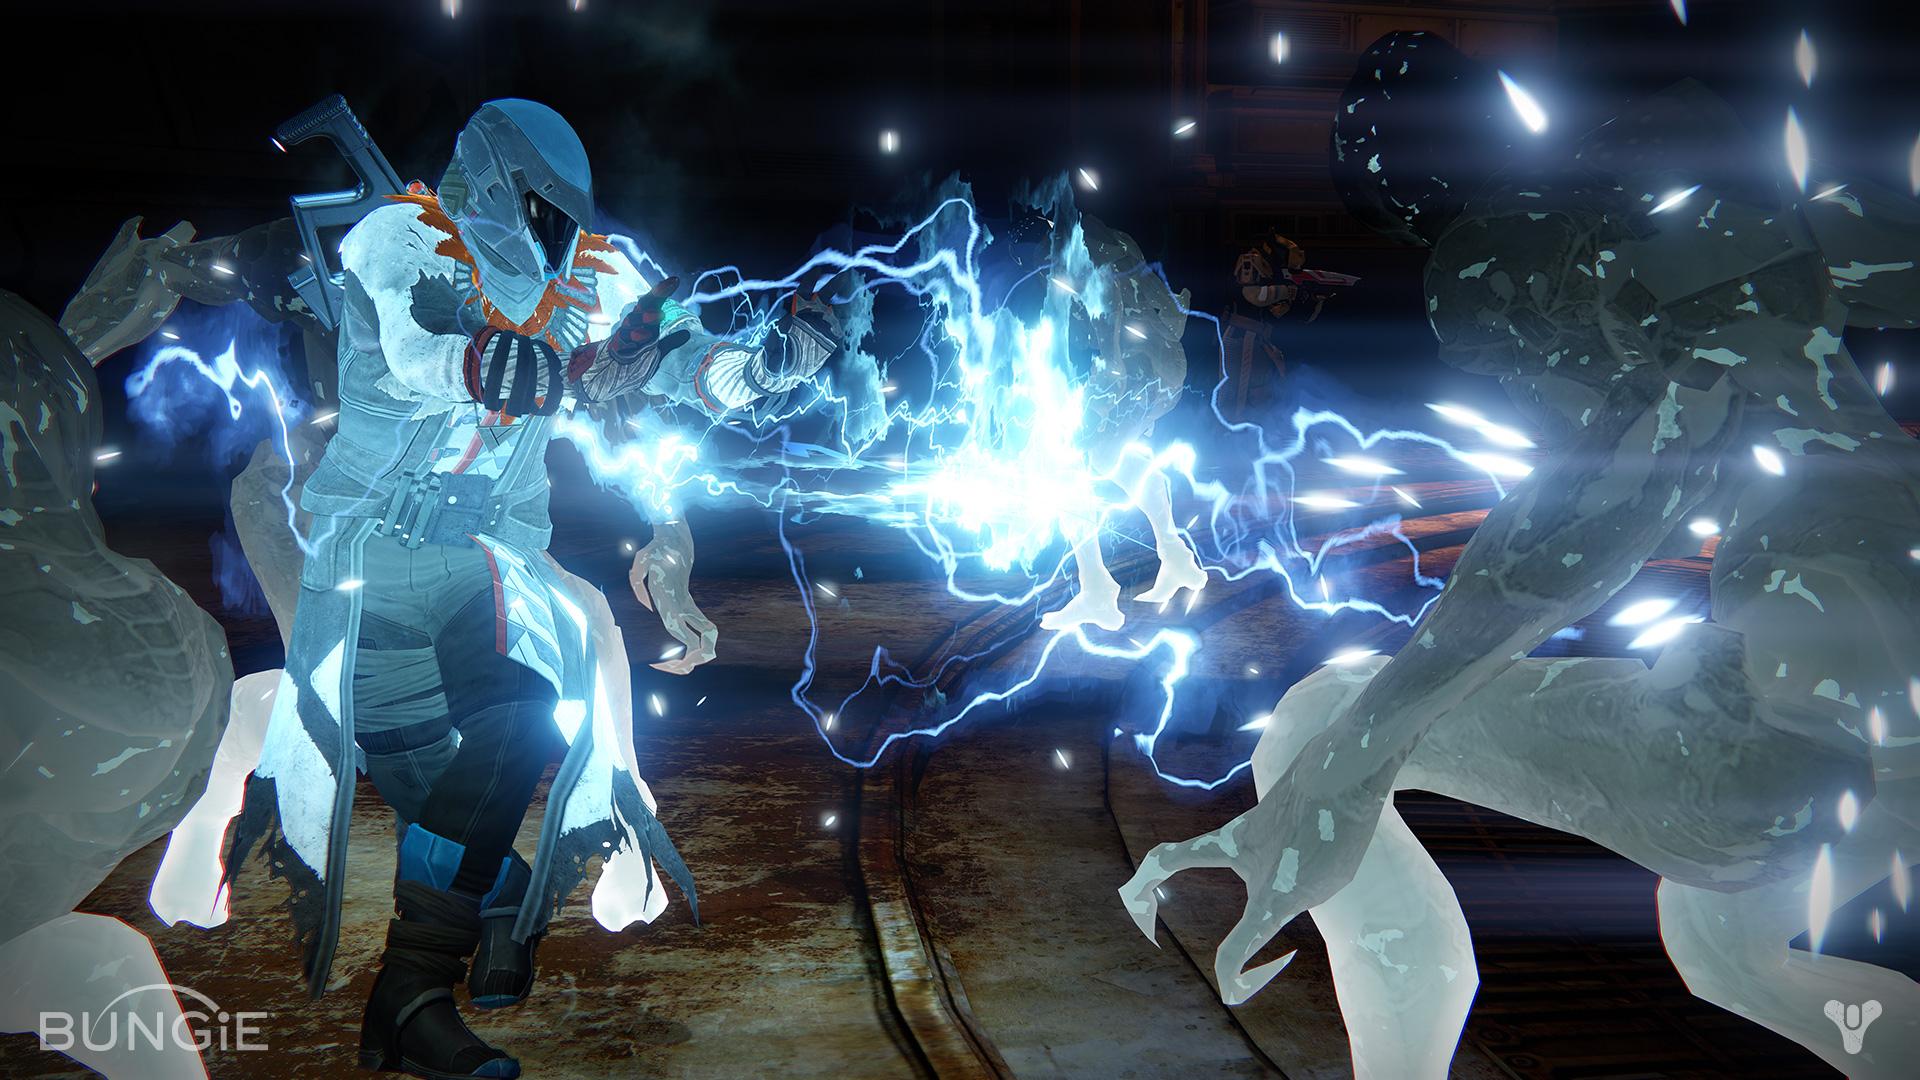 Destiny: Game Director verteidigt Preis für Erweiterung, macht alles noch viel schlimmer